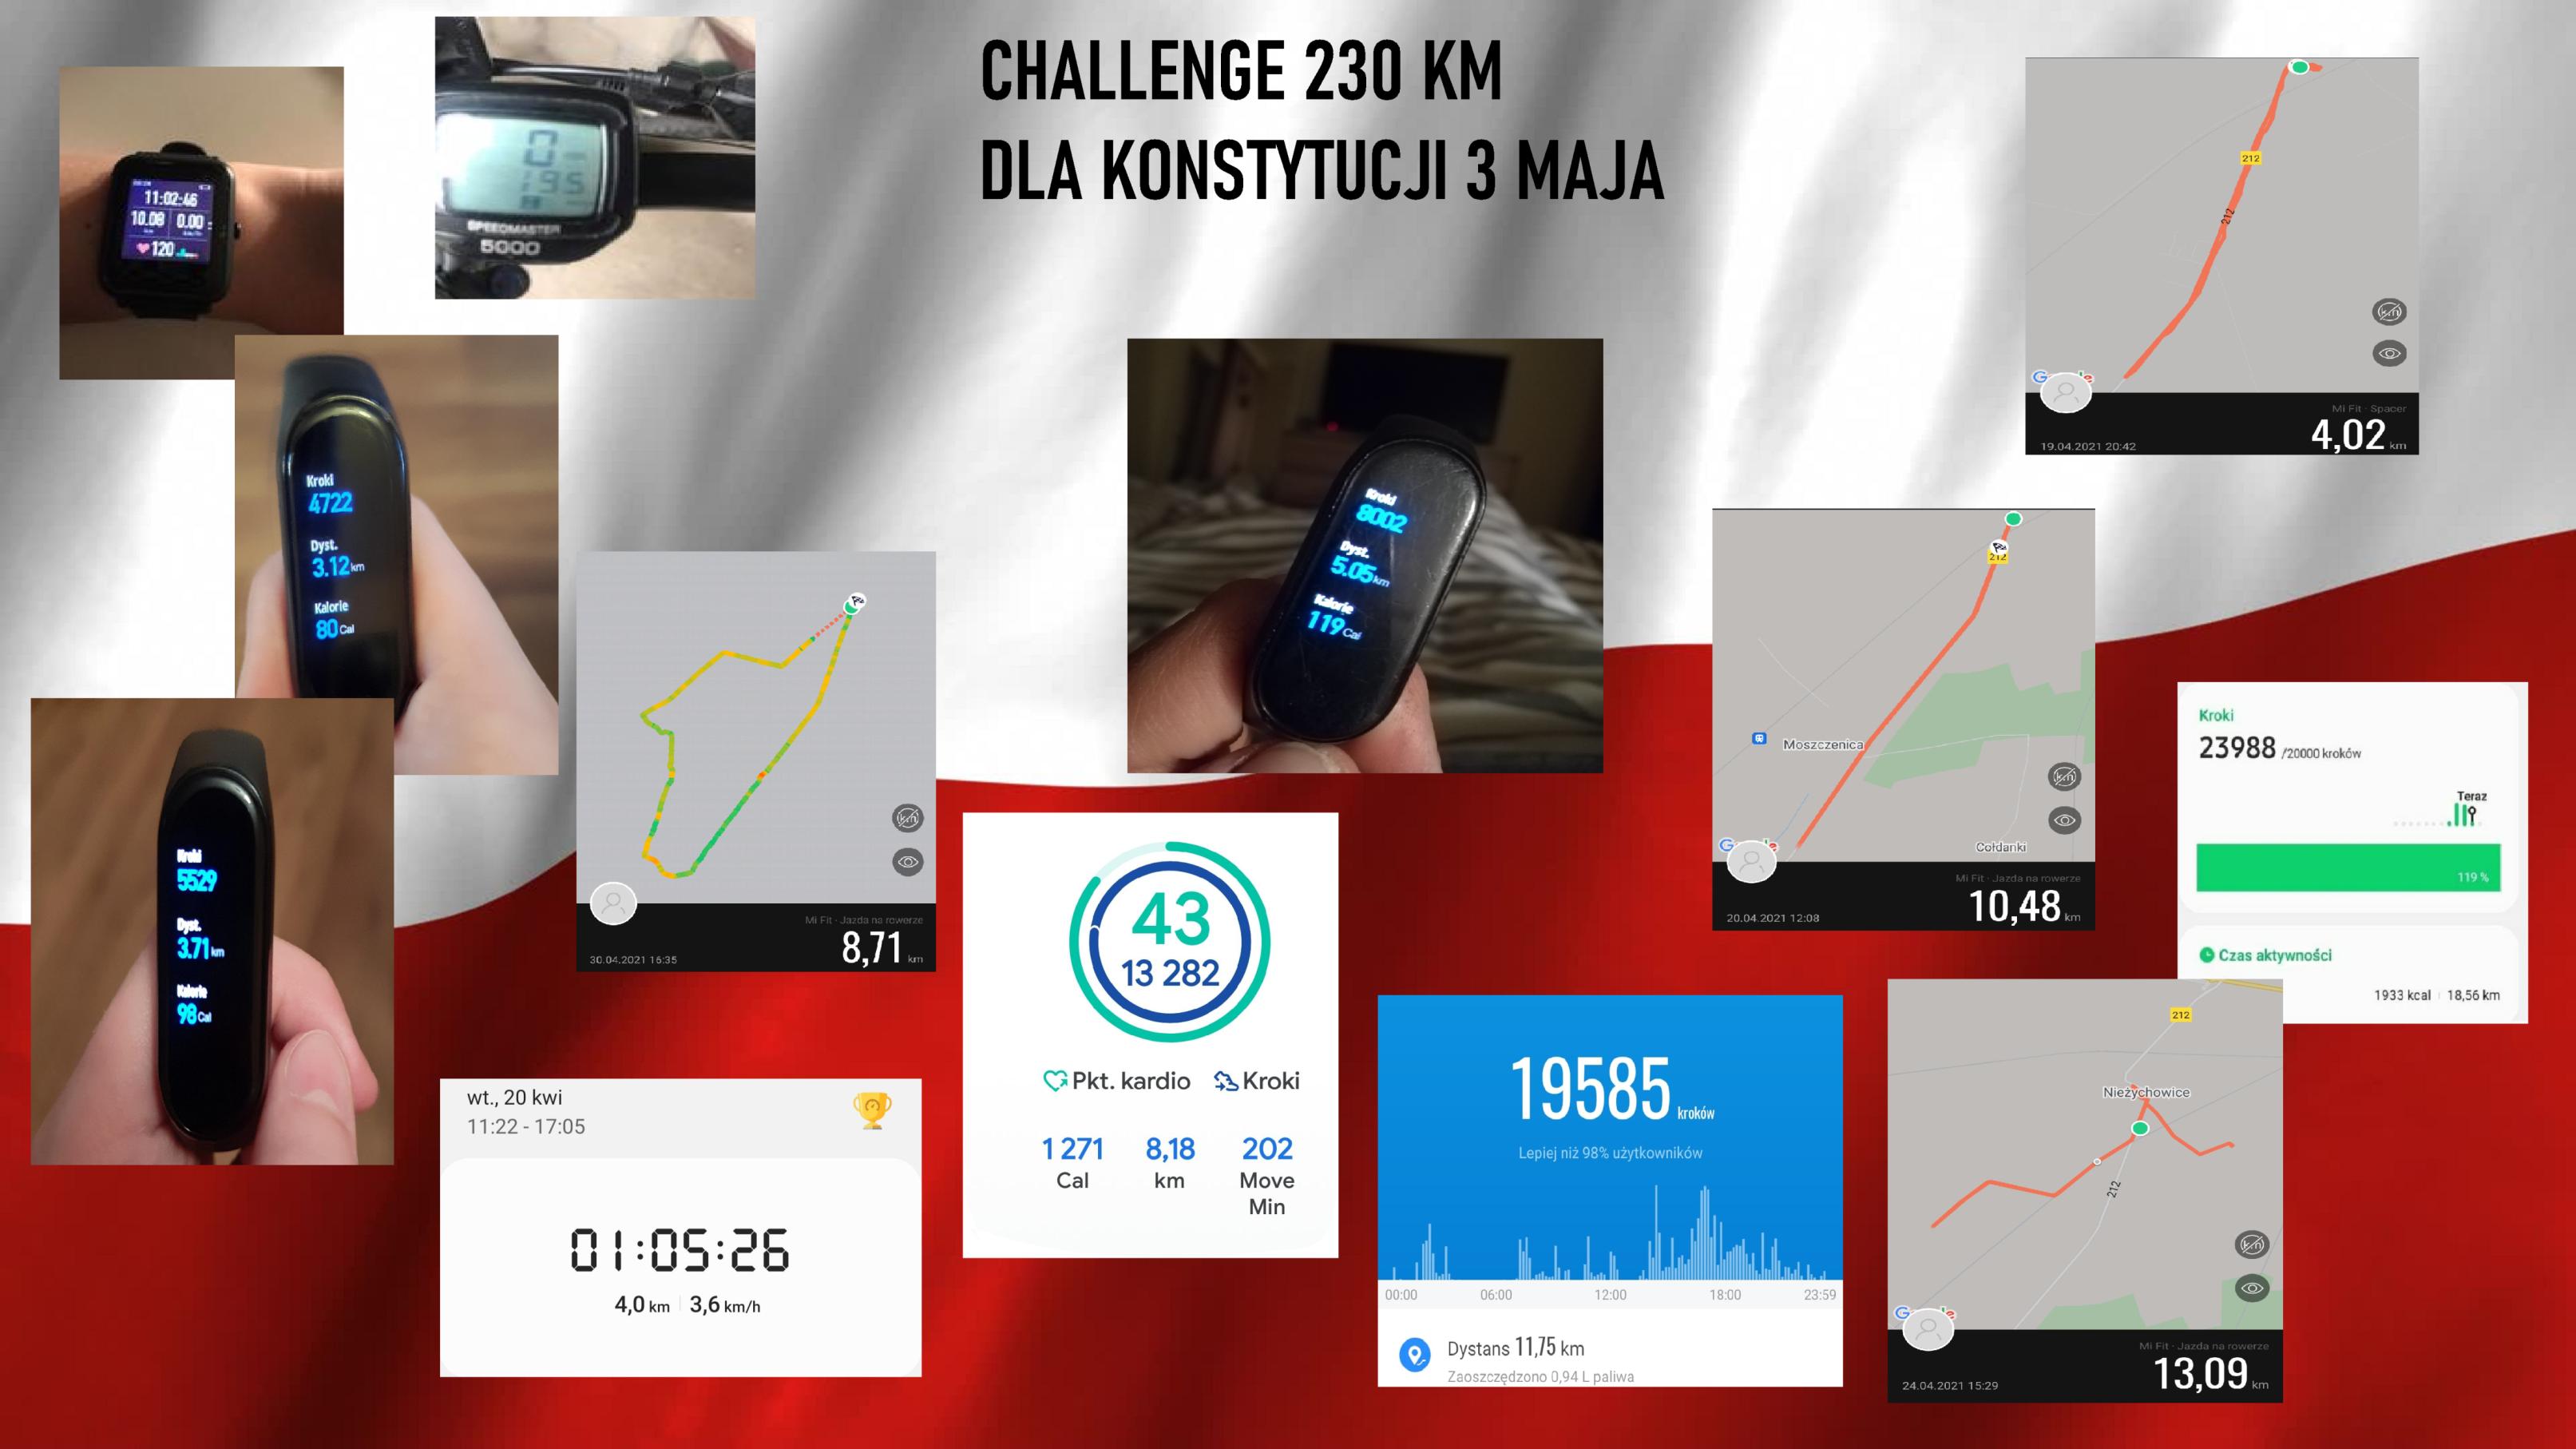 CHALLENGE - 230 KM NA 230 ROCZNICĘ KONSTYTUCJI 3 MAJA